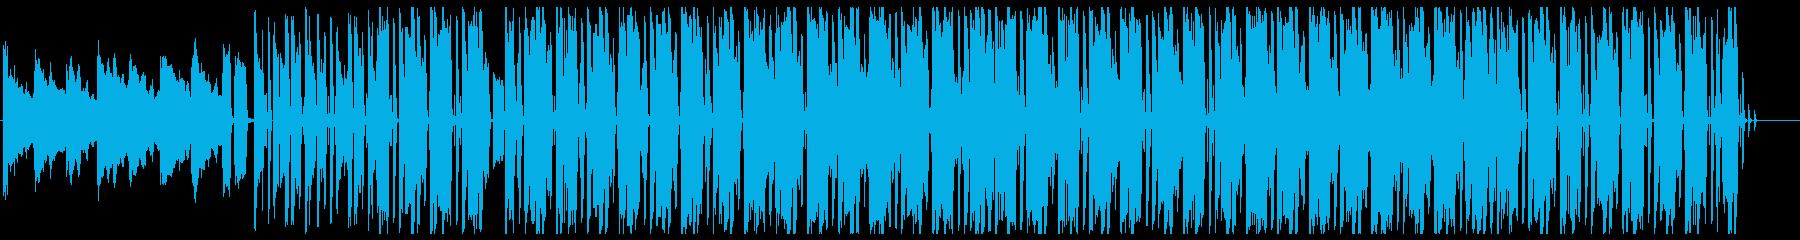 パワフルで勢いあるメロディーの再生済みの波形